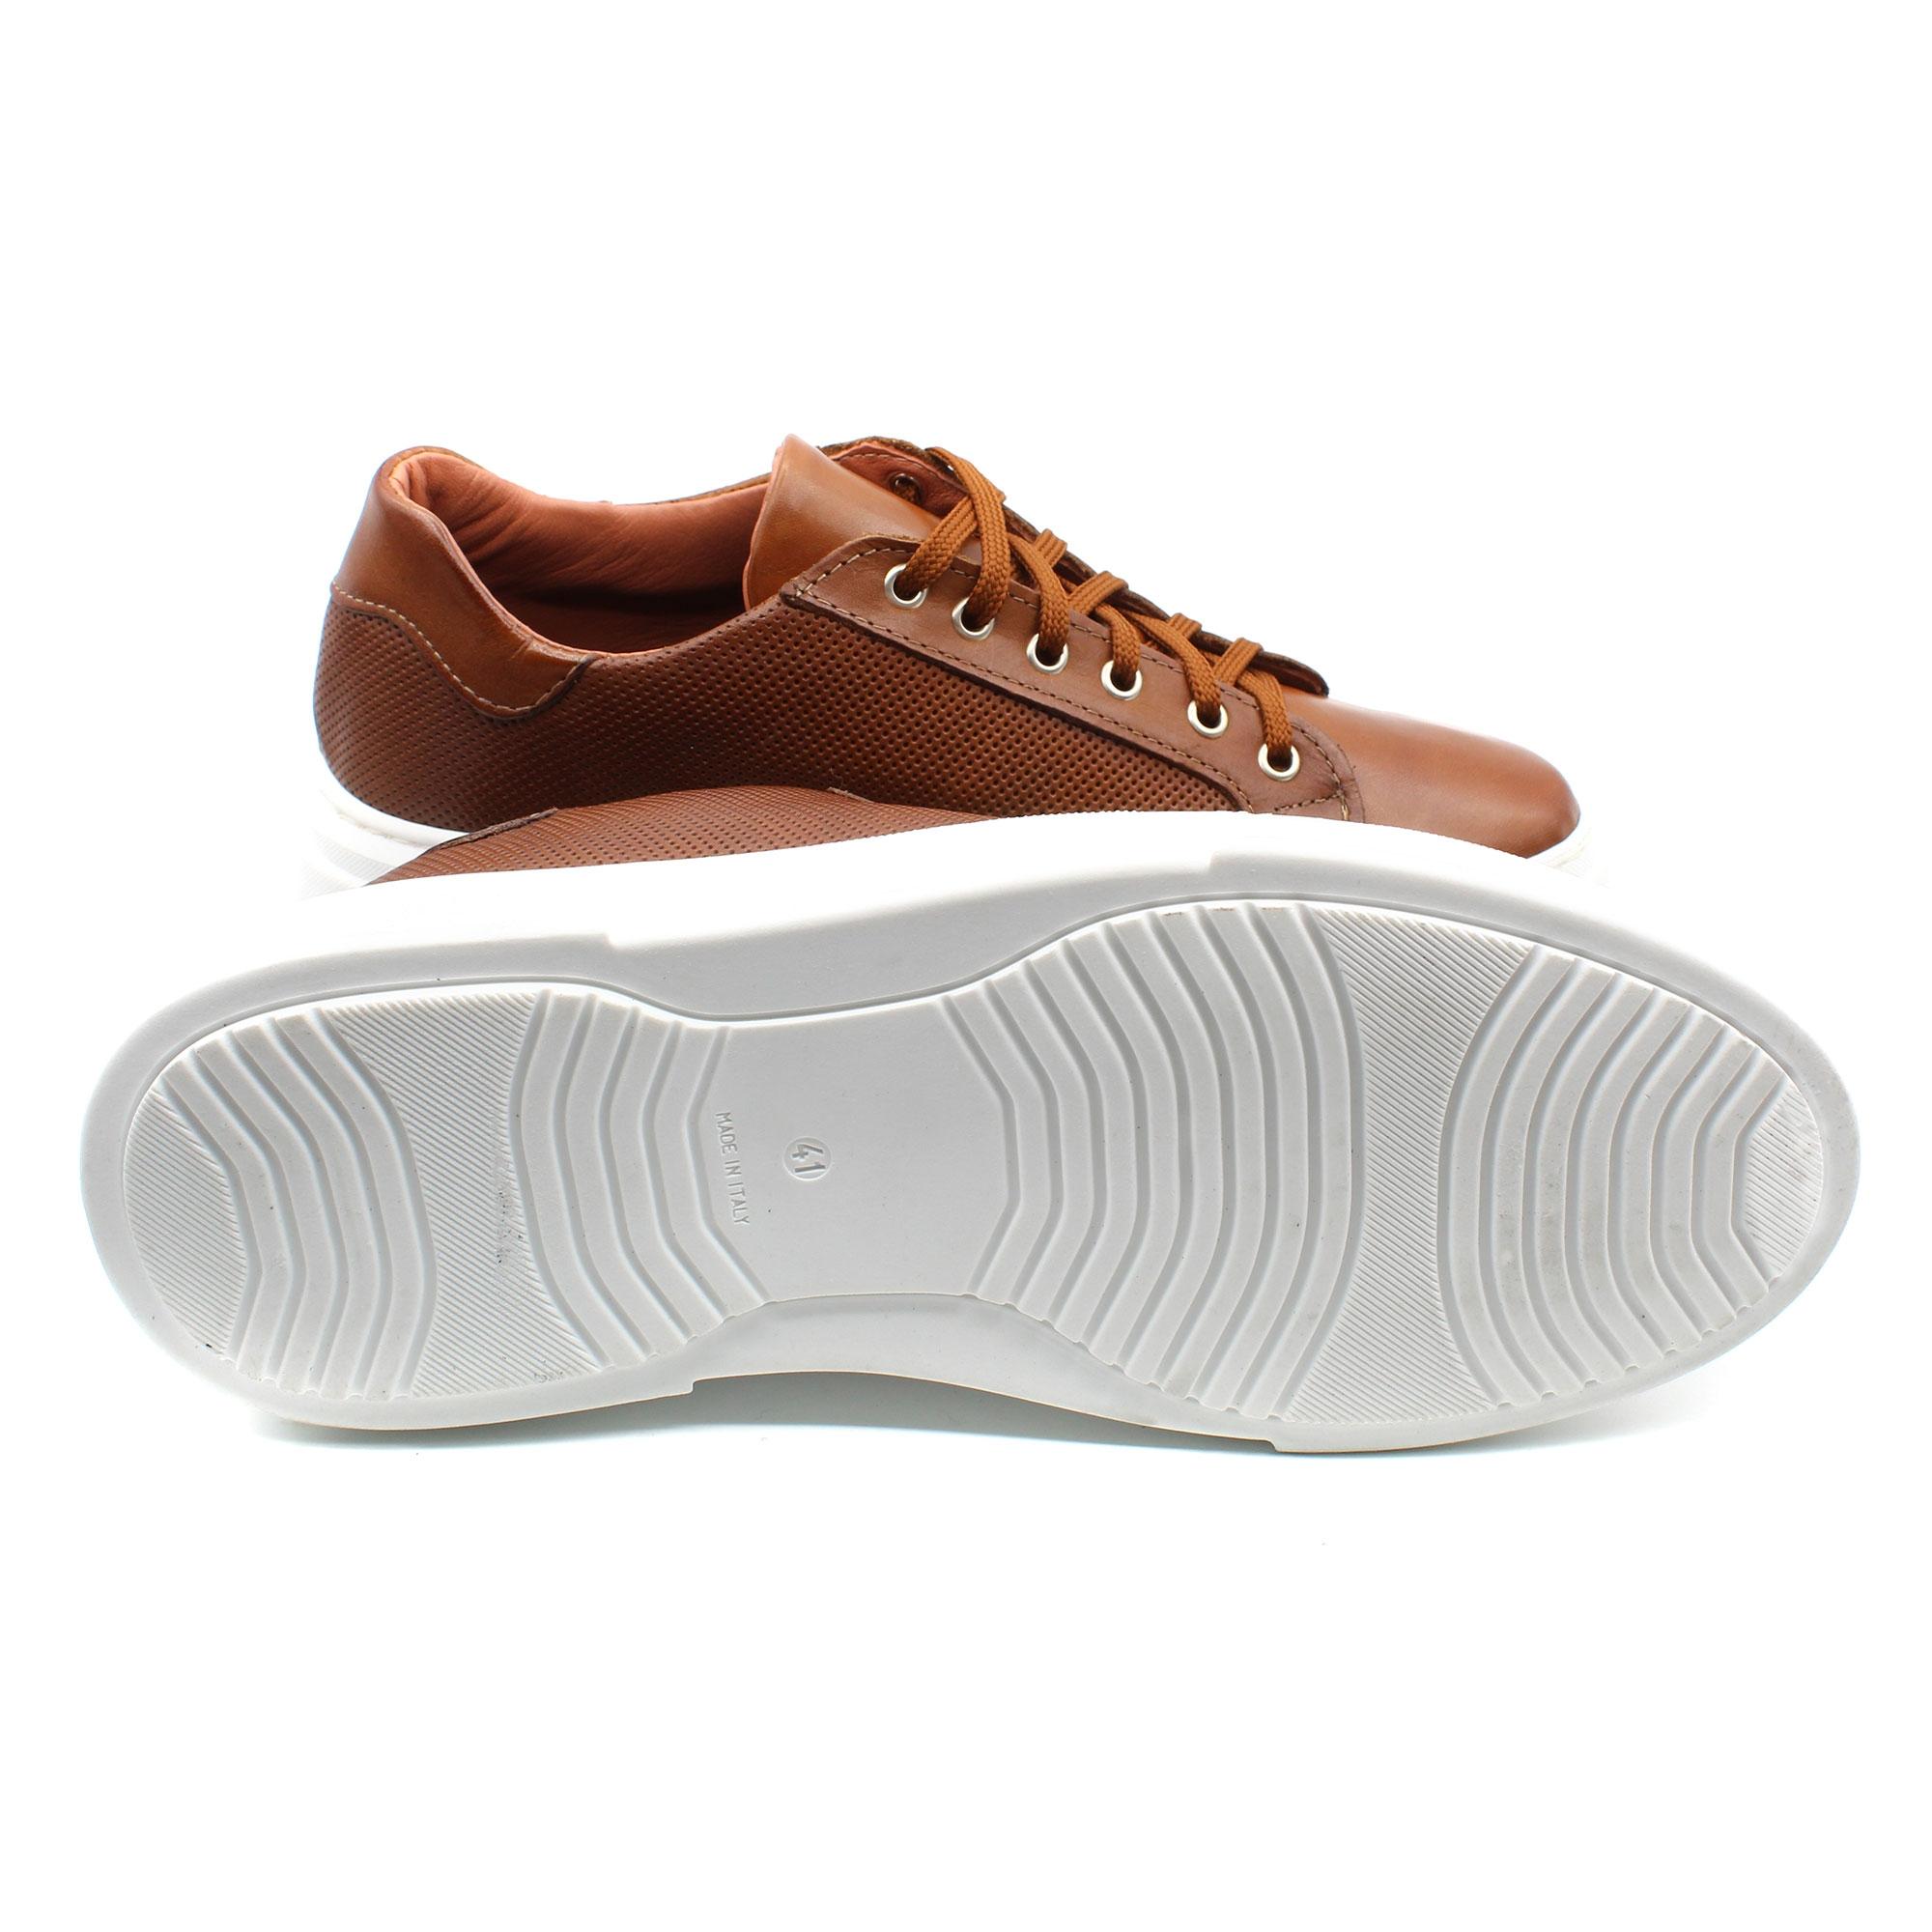 miniatura 16 - Sneakers-Uomo-in-Pelle-Basse-Nere-Blu-Scarpe-da-Ginnastica-Sportive-Eleganti